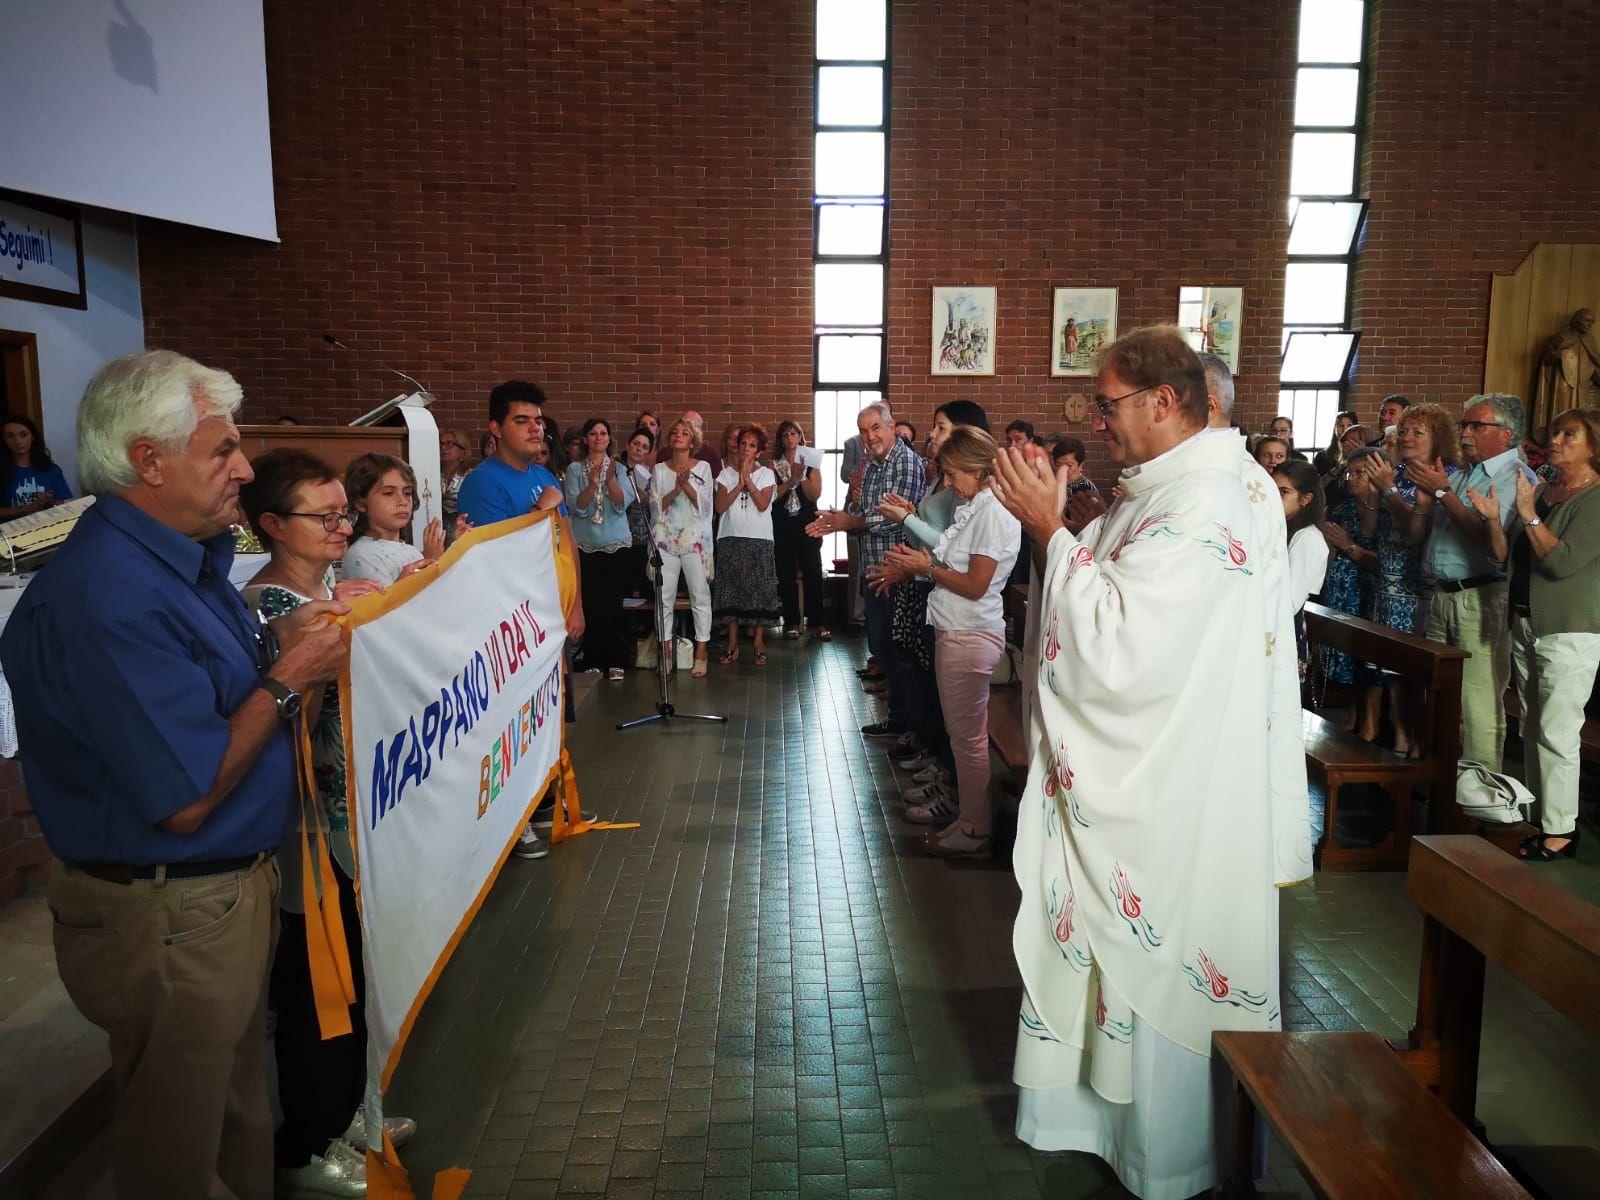 MAPPANO - Il ritorno di don Pierantonio Garbiglia, nuovo parroco